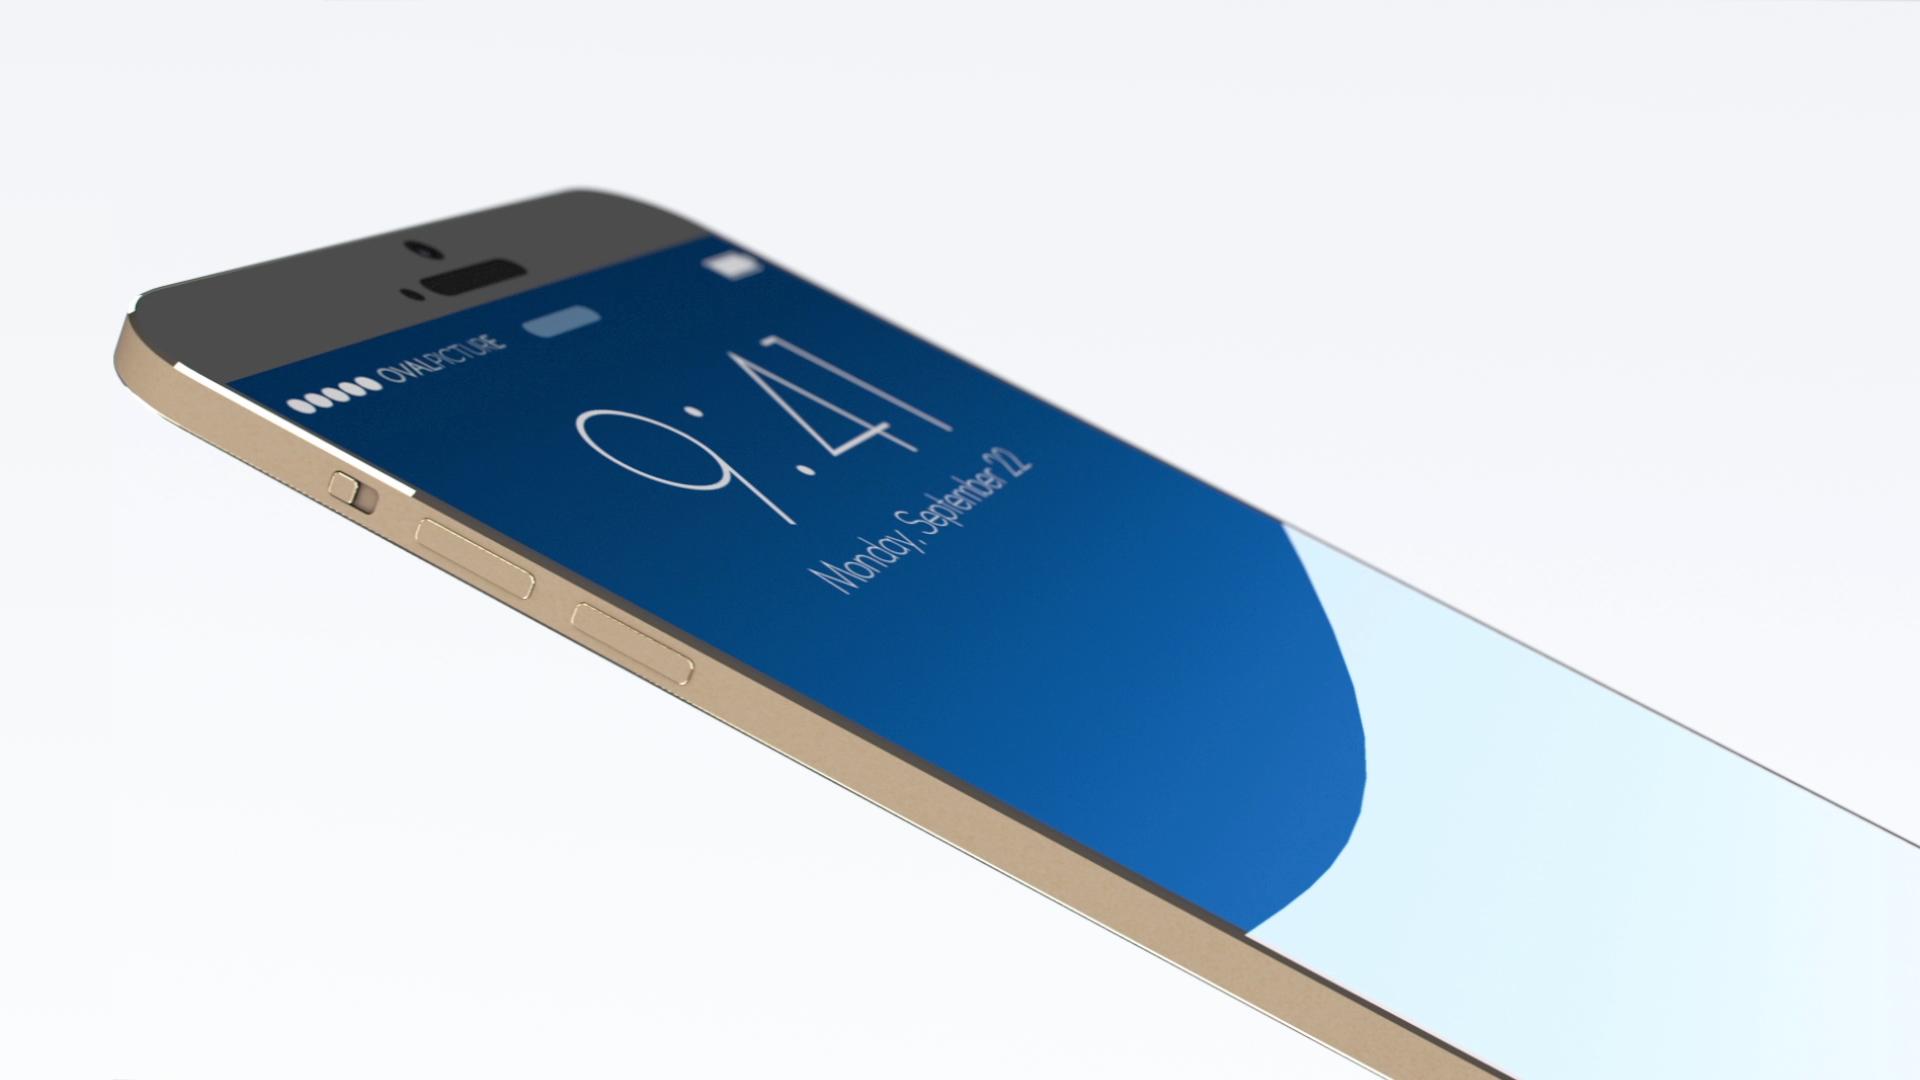 速報:iPhone 6は9月発売 5.5インチ画面など2モデル展開へ   ガジェット速報